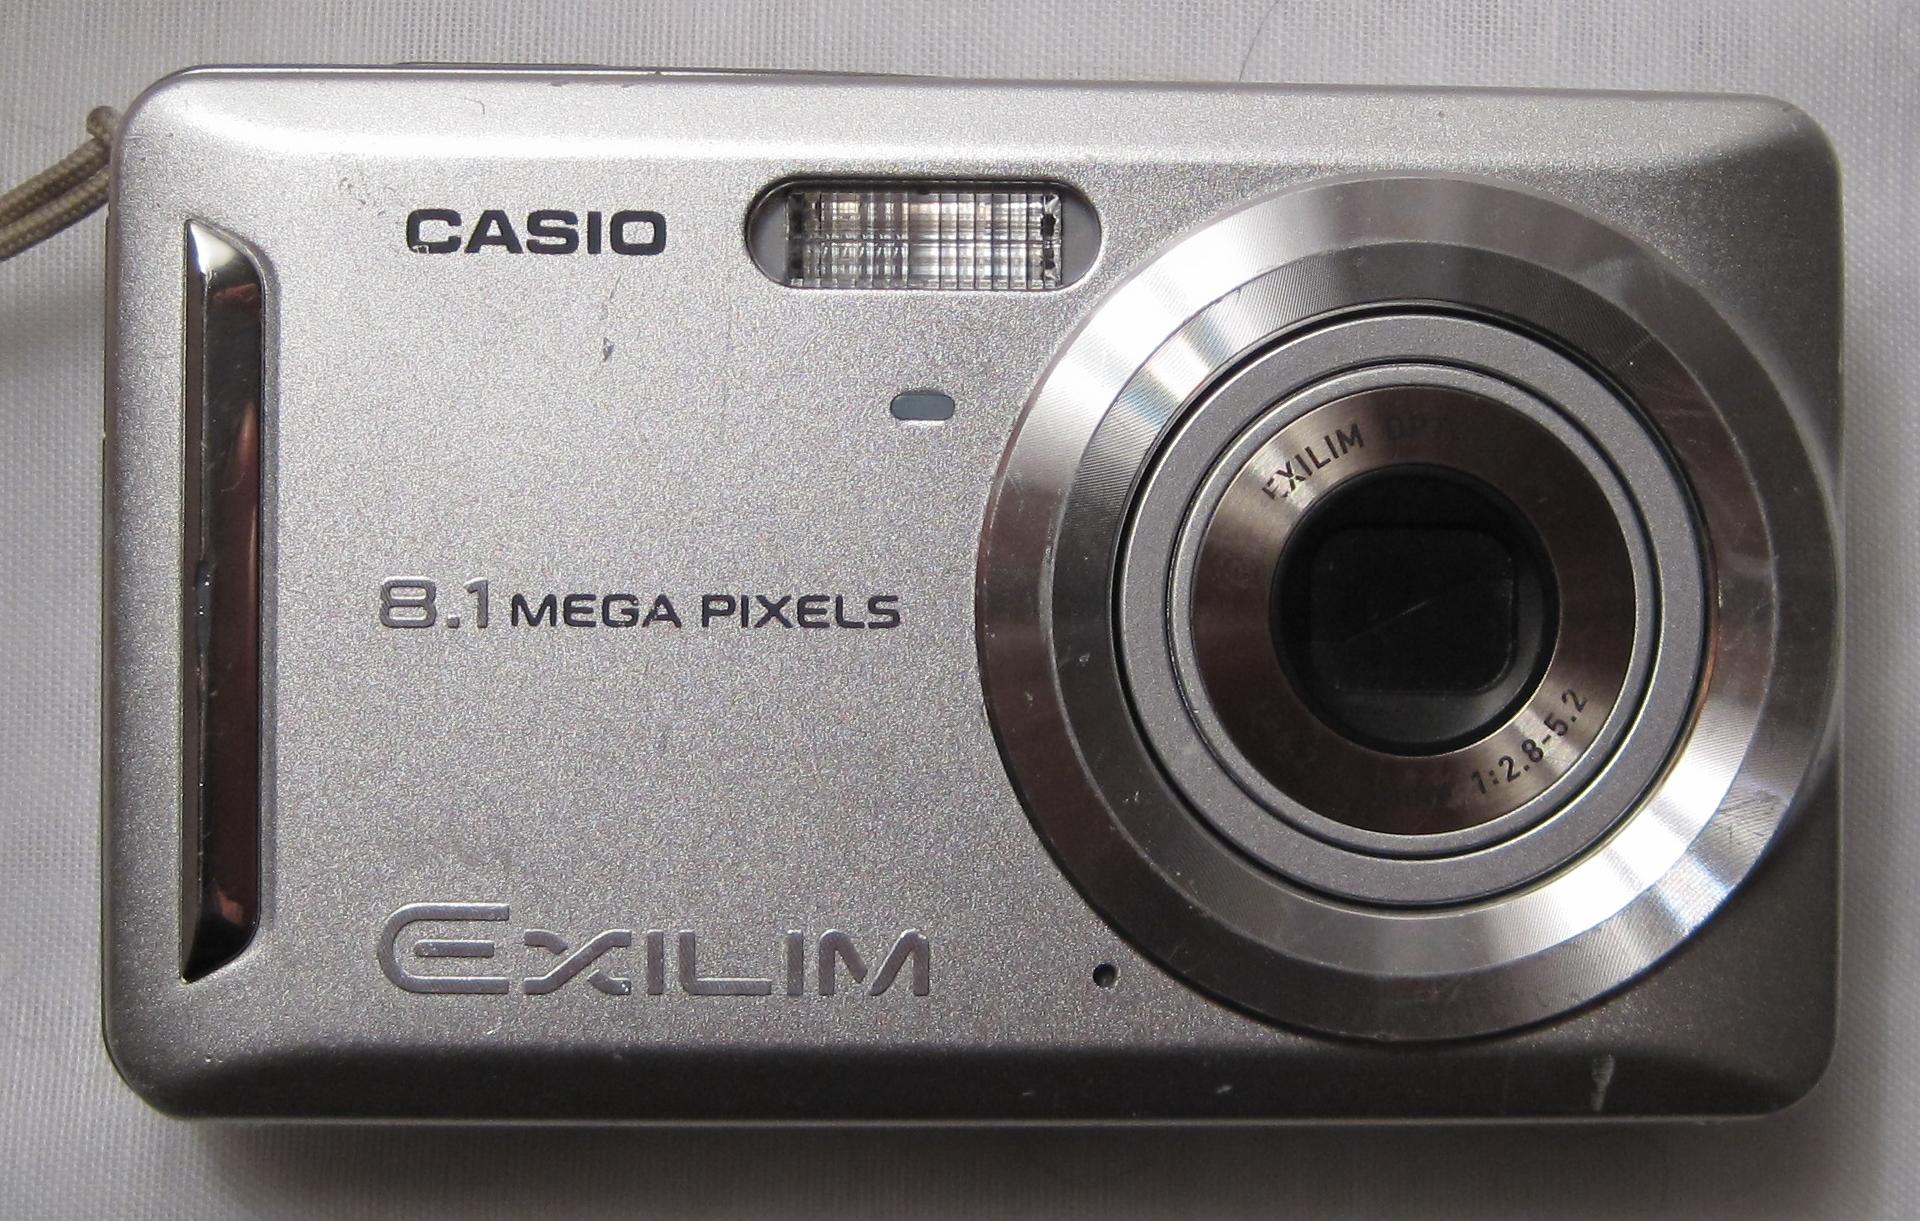 CasioExilimEX Z9